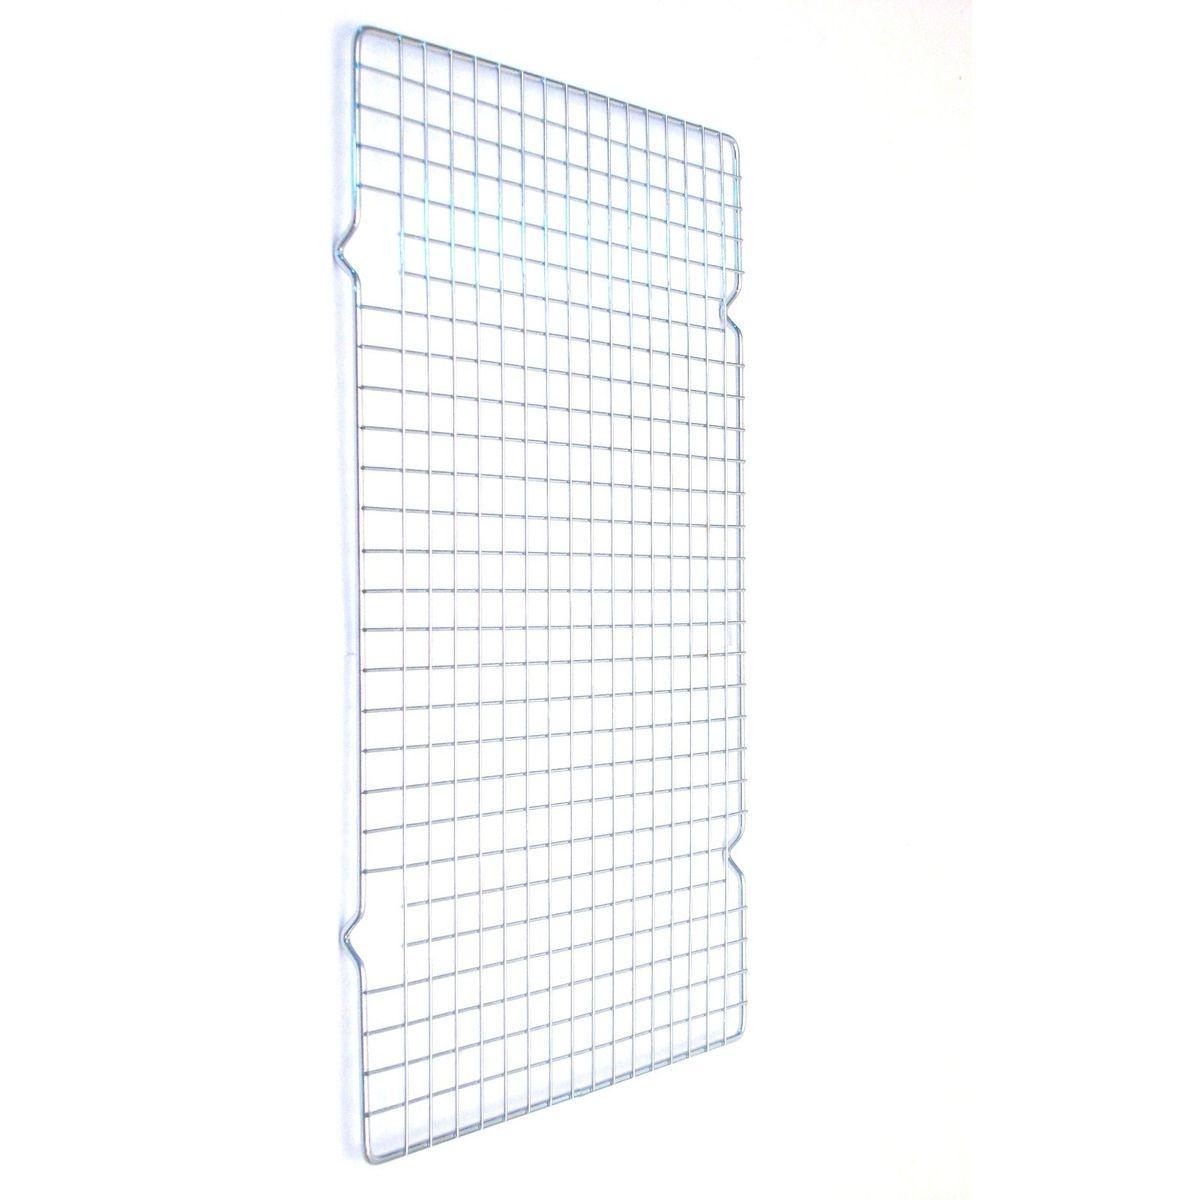 Grille de refroidissement rectangulaire en métal chrome 25 x 40 cm - Roger Orfevre